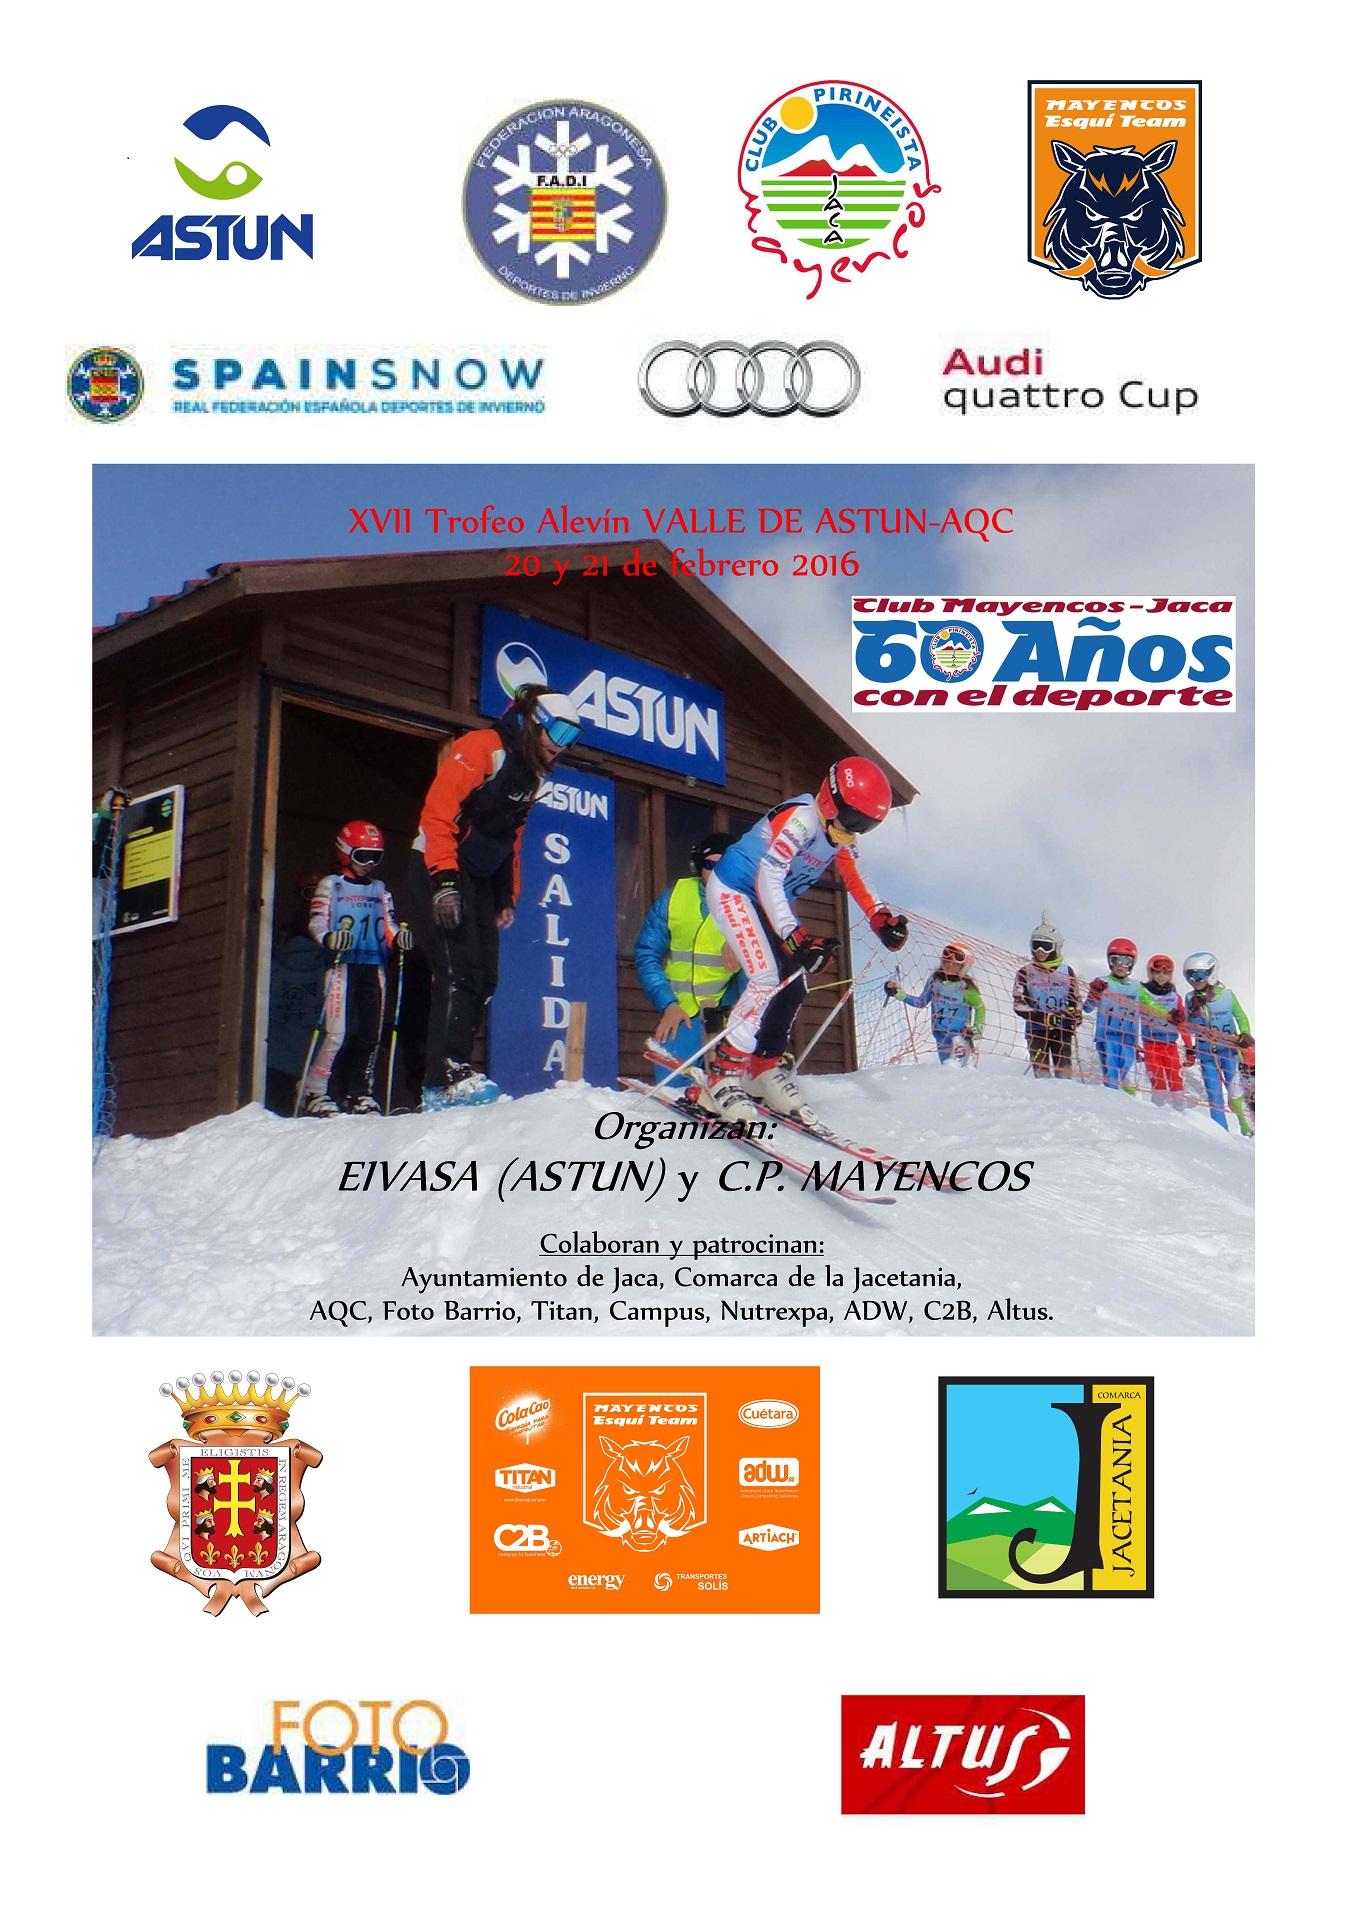 Carreras de esquí alpino organizadas